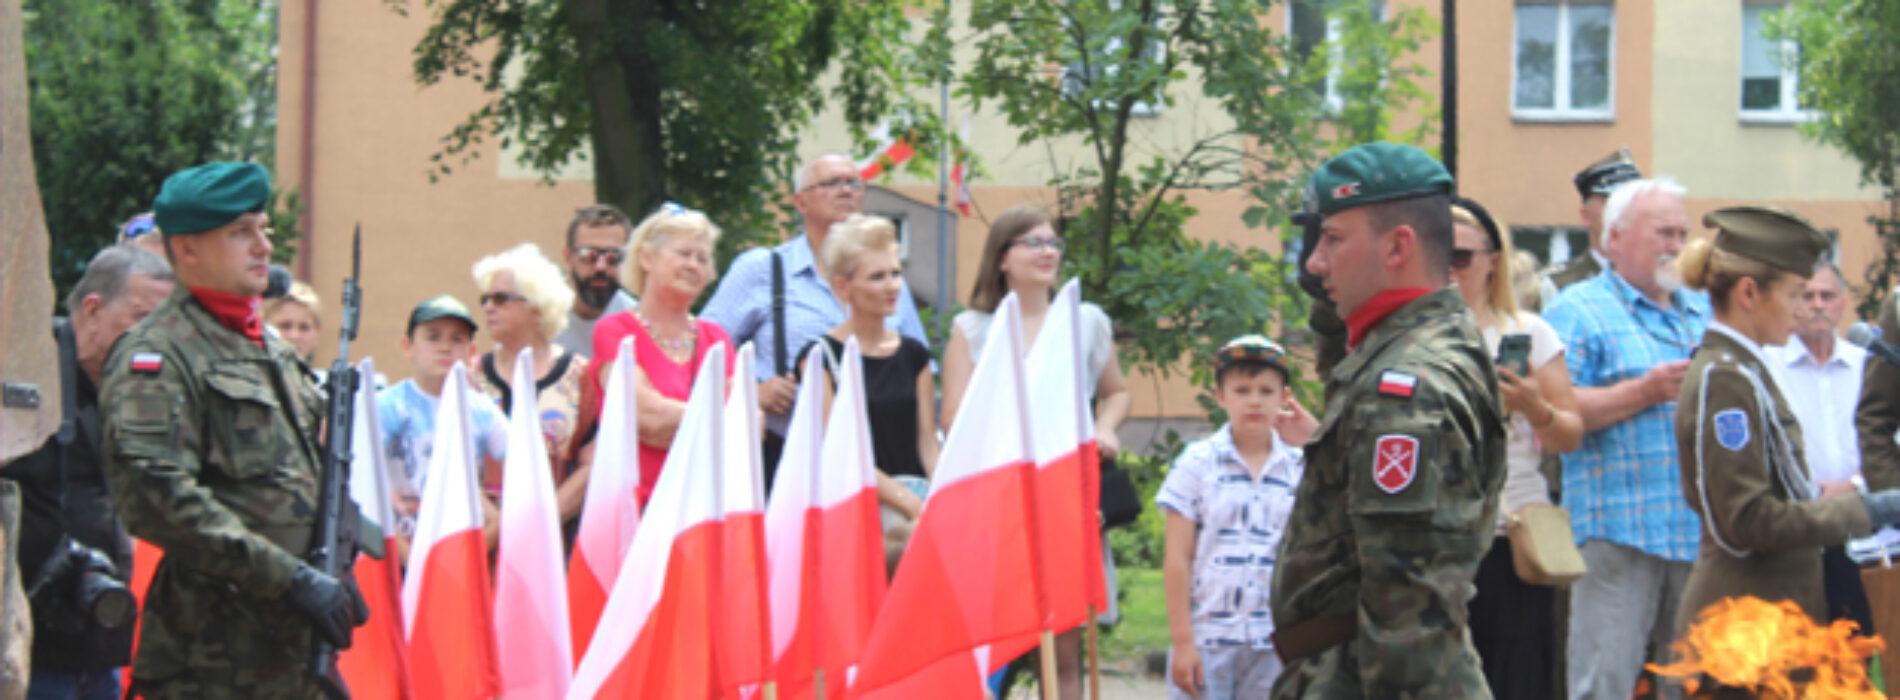 Obchody Święta Wojska Polskiego w Siedlcach